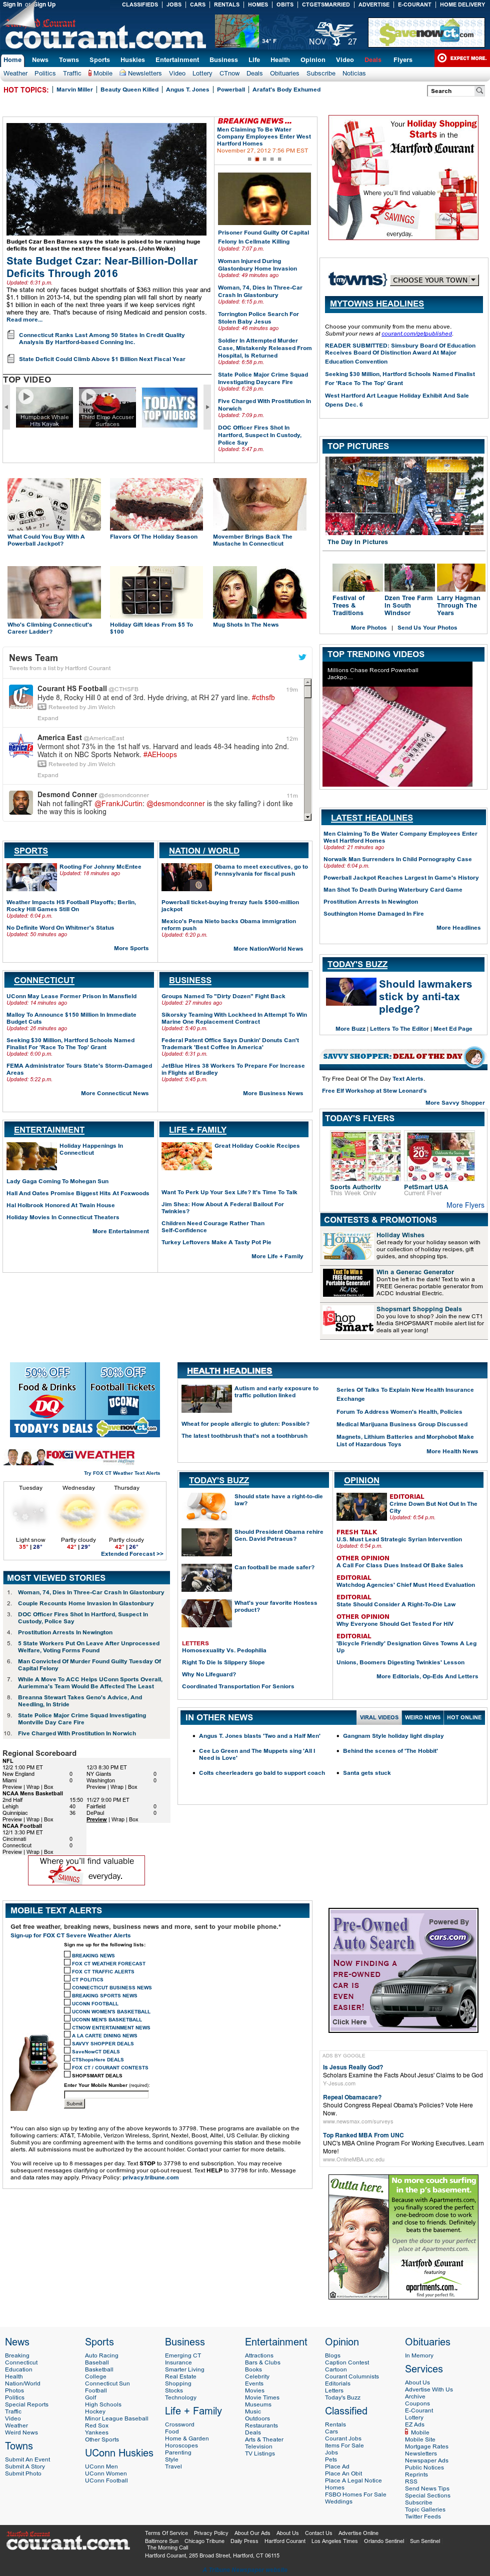 Hartford Courant at Wednesday Nov. 28, 2012, 1:16 a.m. UTC